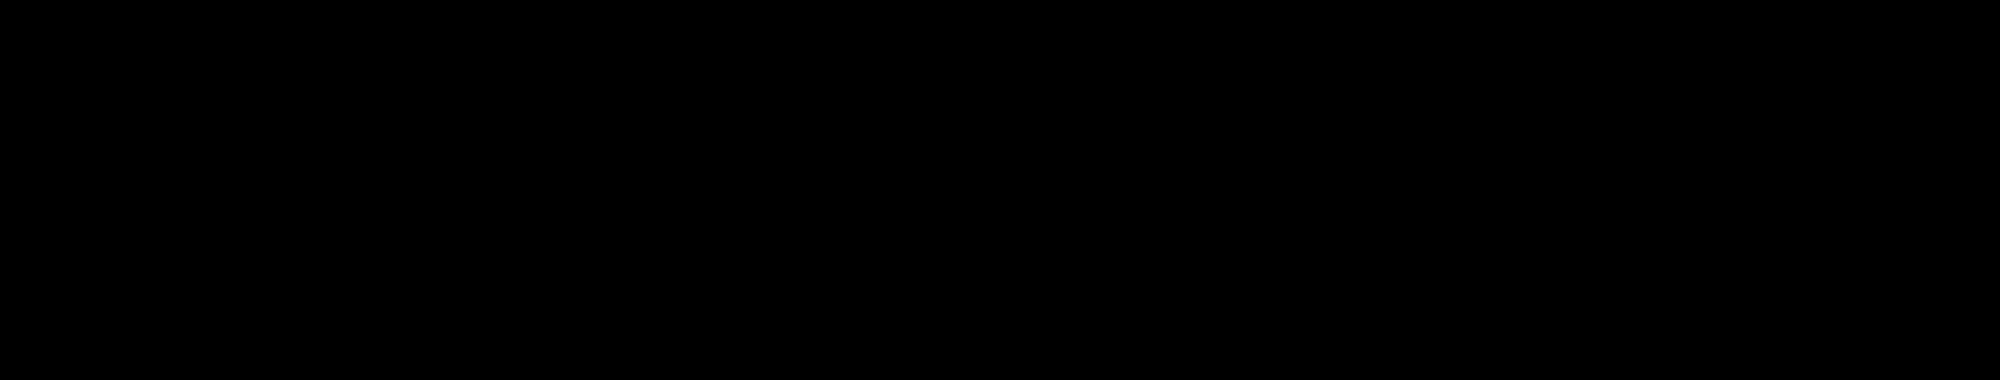 Professor (d/f/m) of Cohabitation at Städelschule - Hochschule für Bildende Künste Städelschule, Frankfurt am Main - Logo